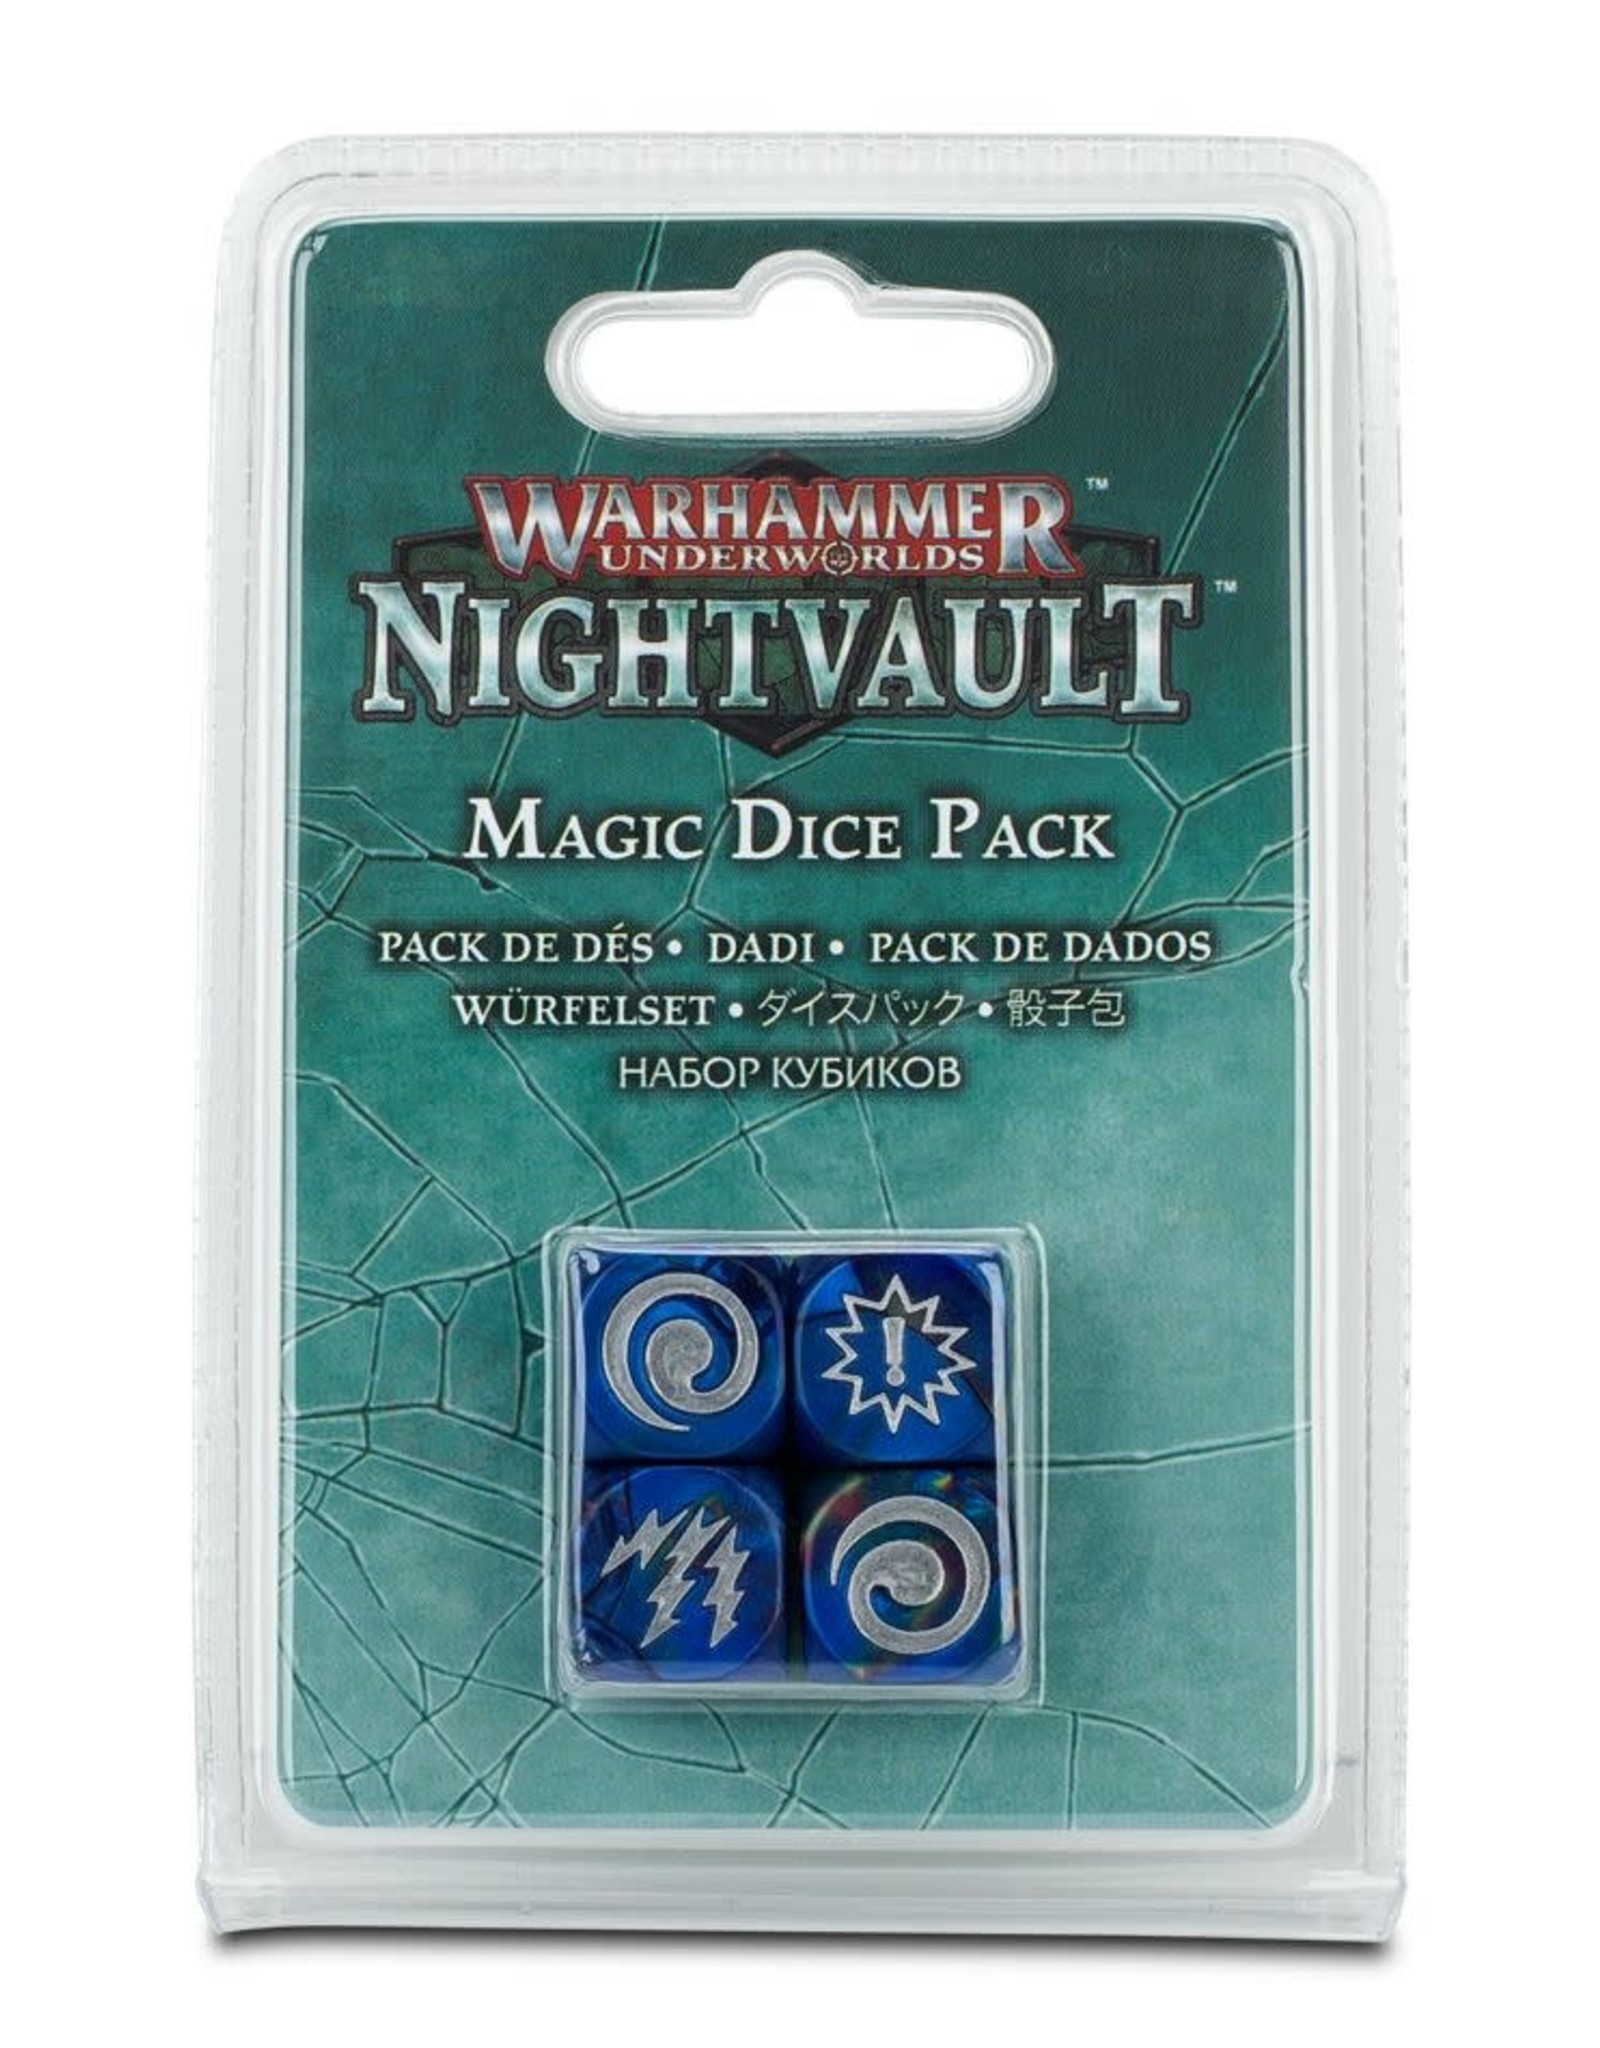 Warhammer Underworlds Warhammer Underworlds: Magic Dice Pack